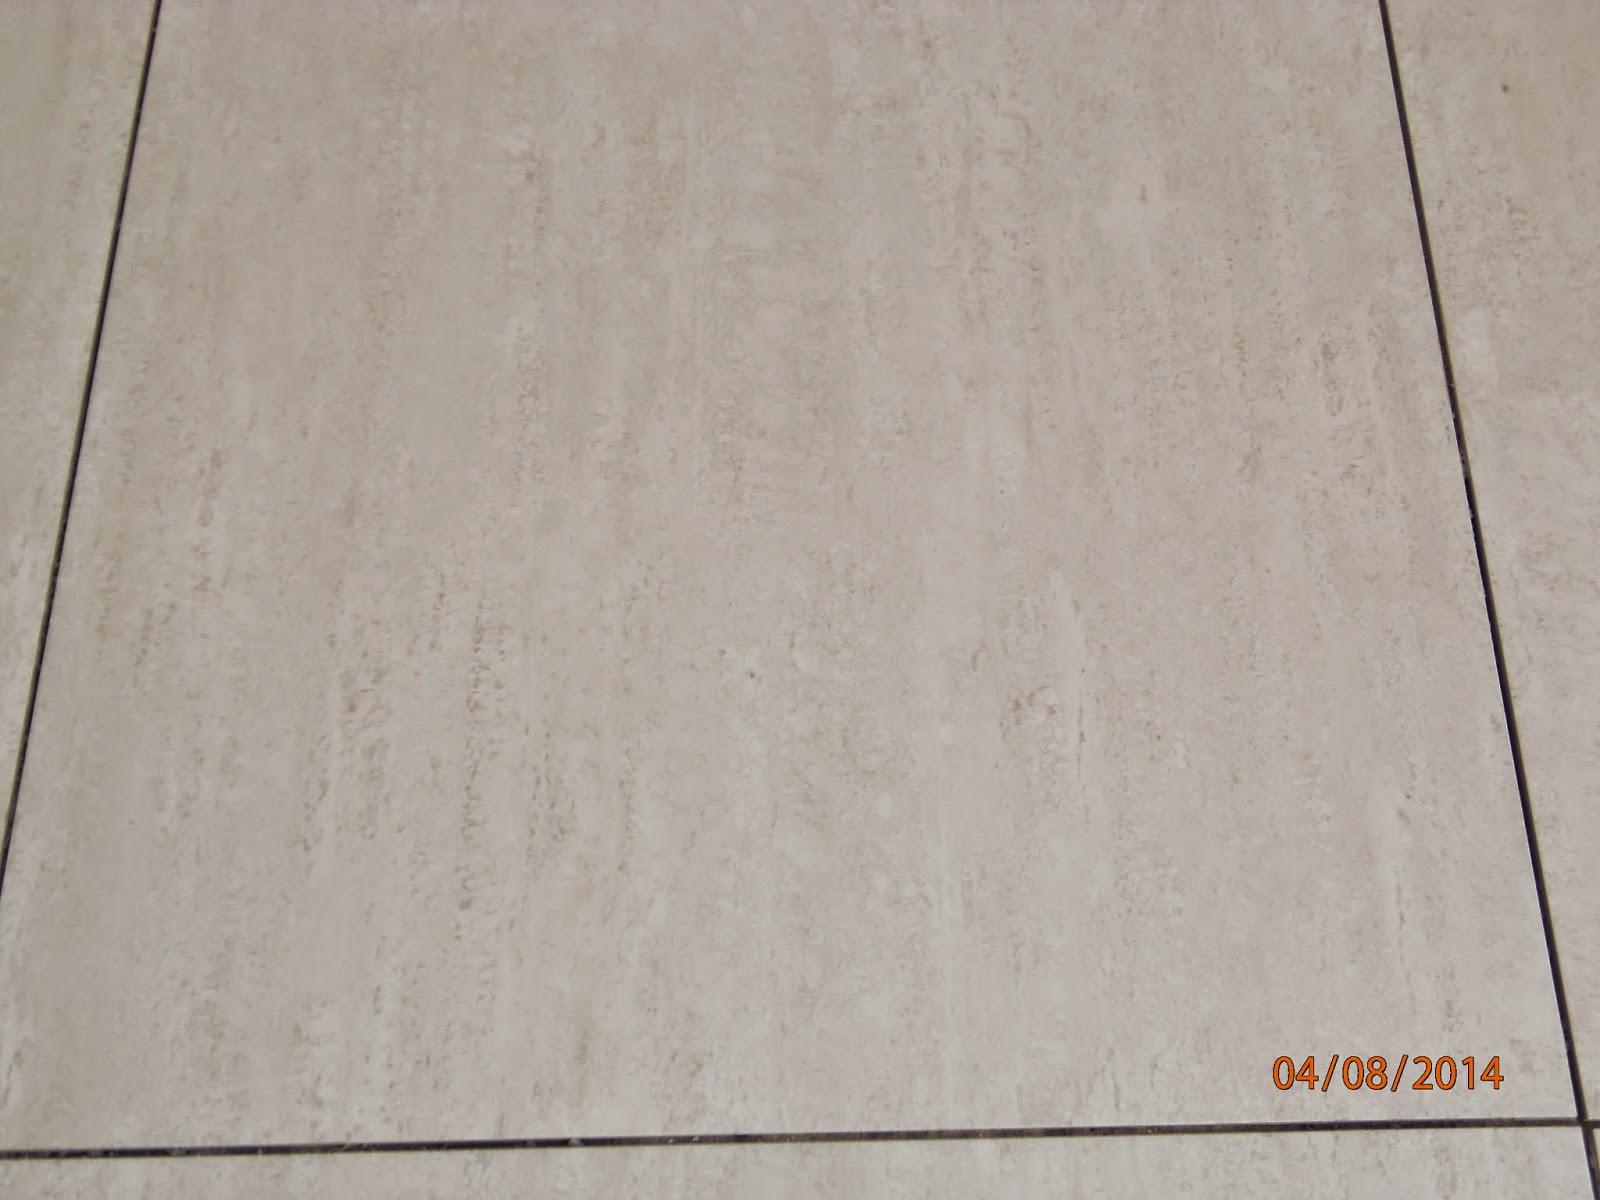 Porcelanato da cozinha 62x62 esmaltado (ainda sem rejunte e sujo) #B44C12 1600x1200 Banheiro Branco Com Rejunte Escuro